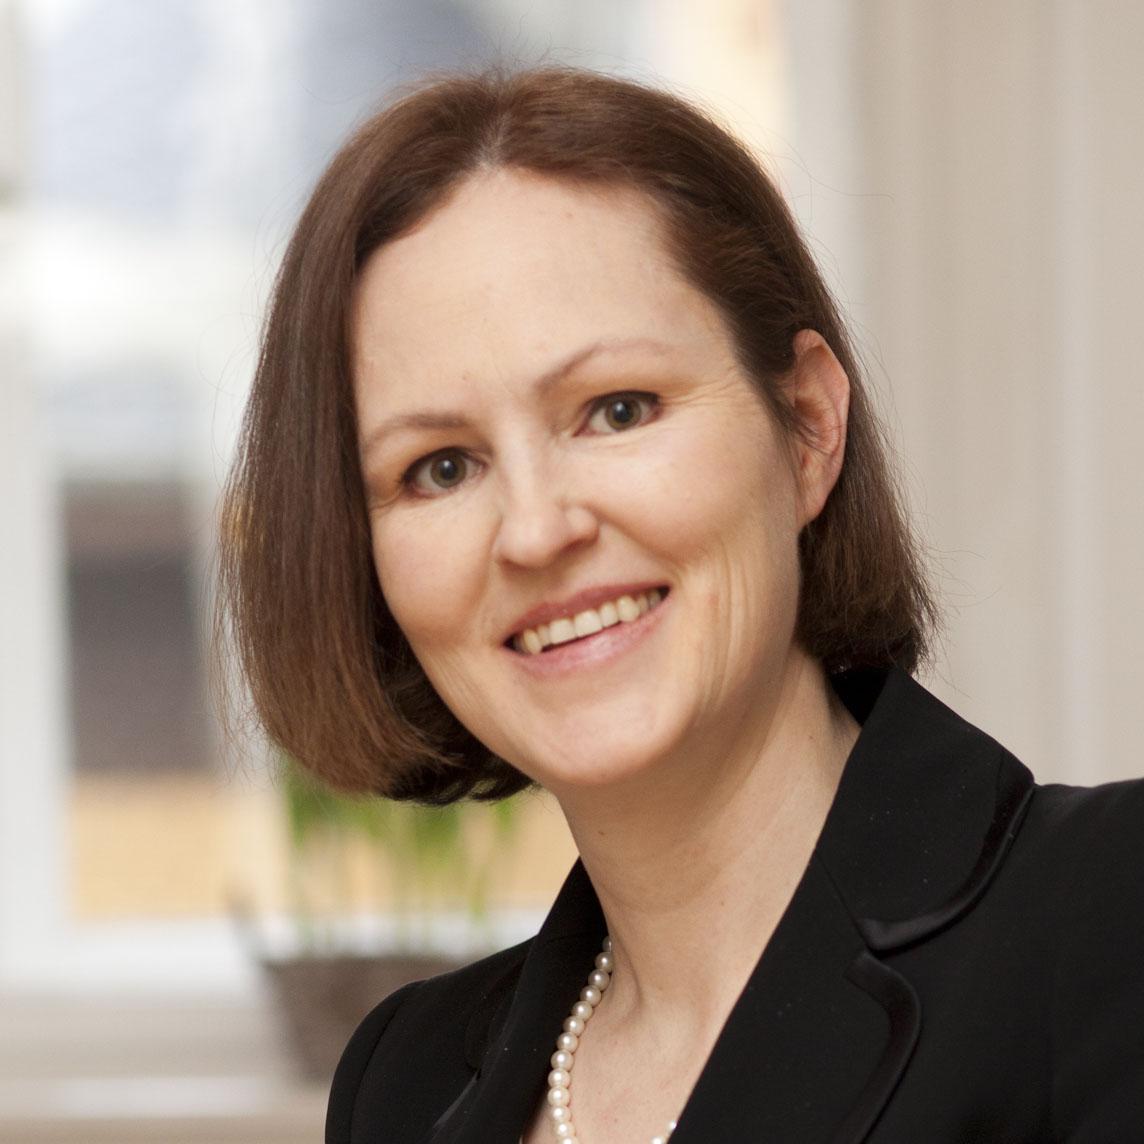 Birgit Kühne